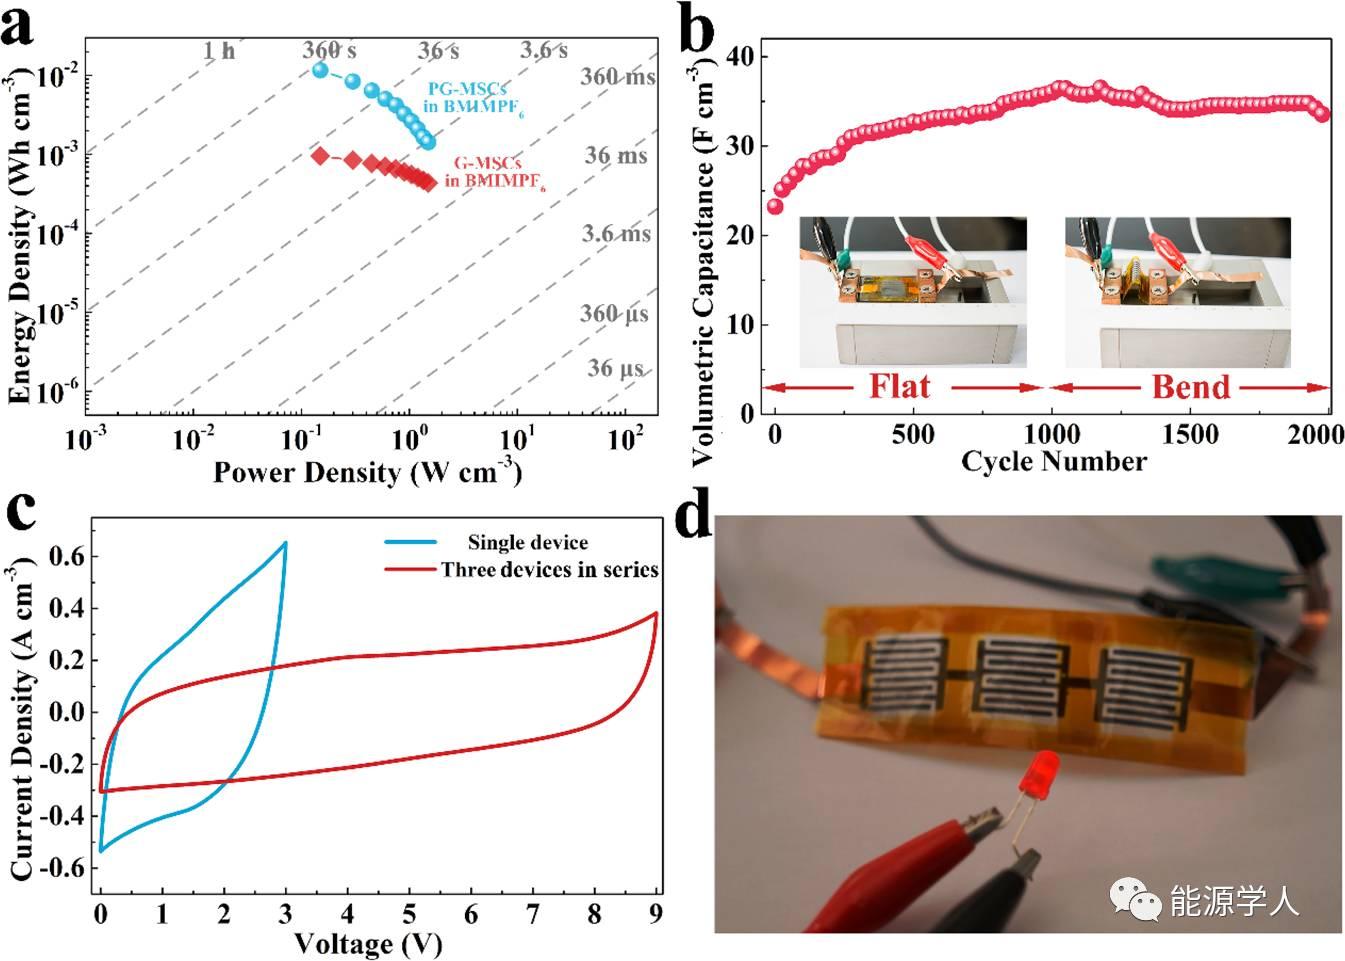 高能量密度柔性磷烯/石墨烯微超级电容器薄膜